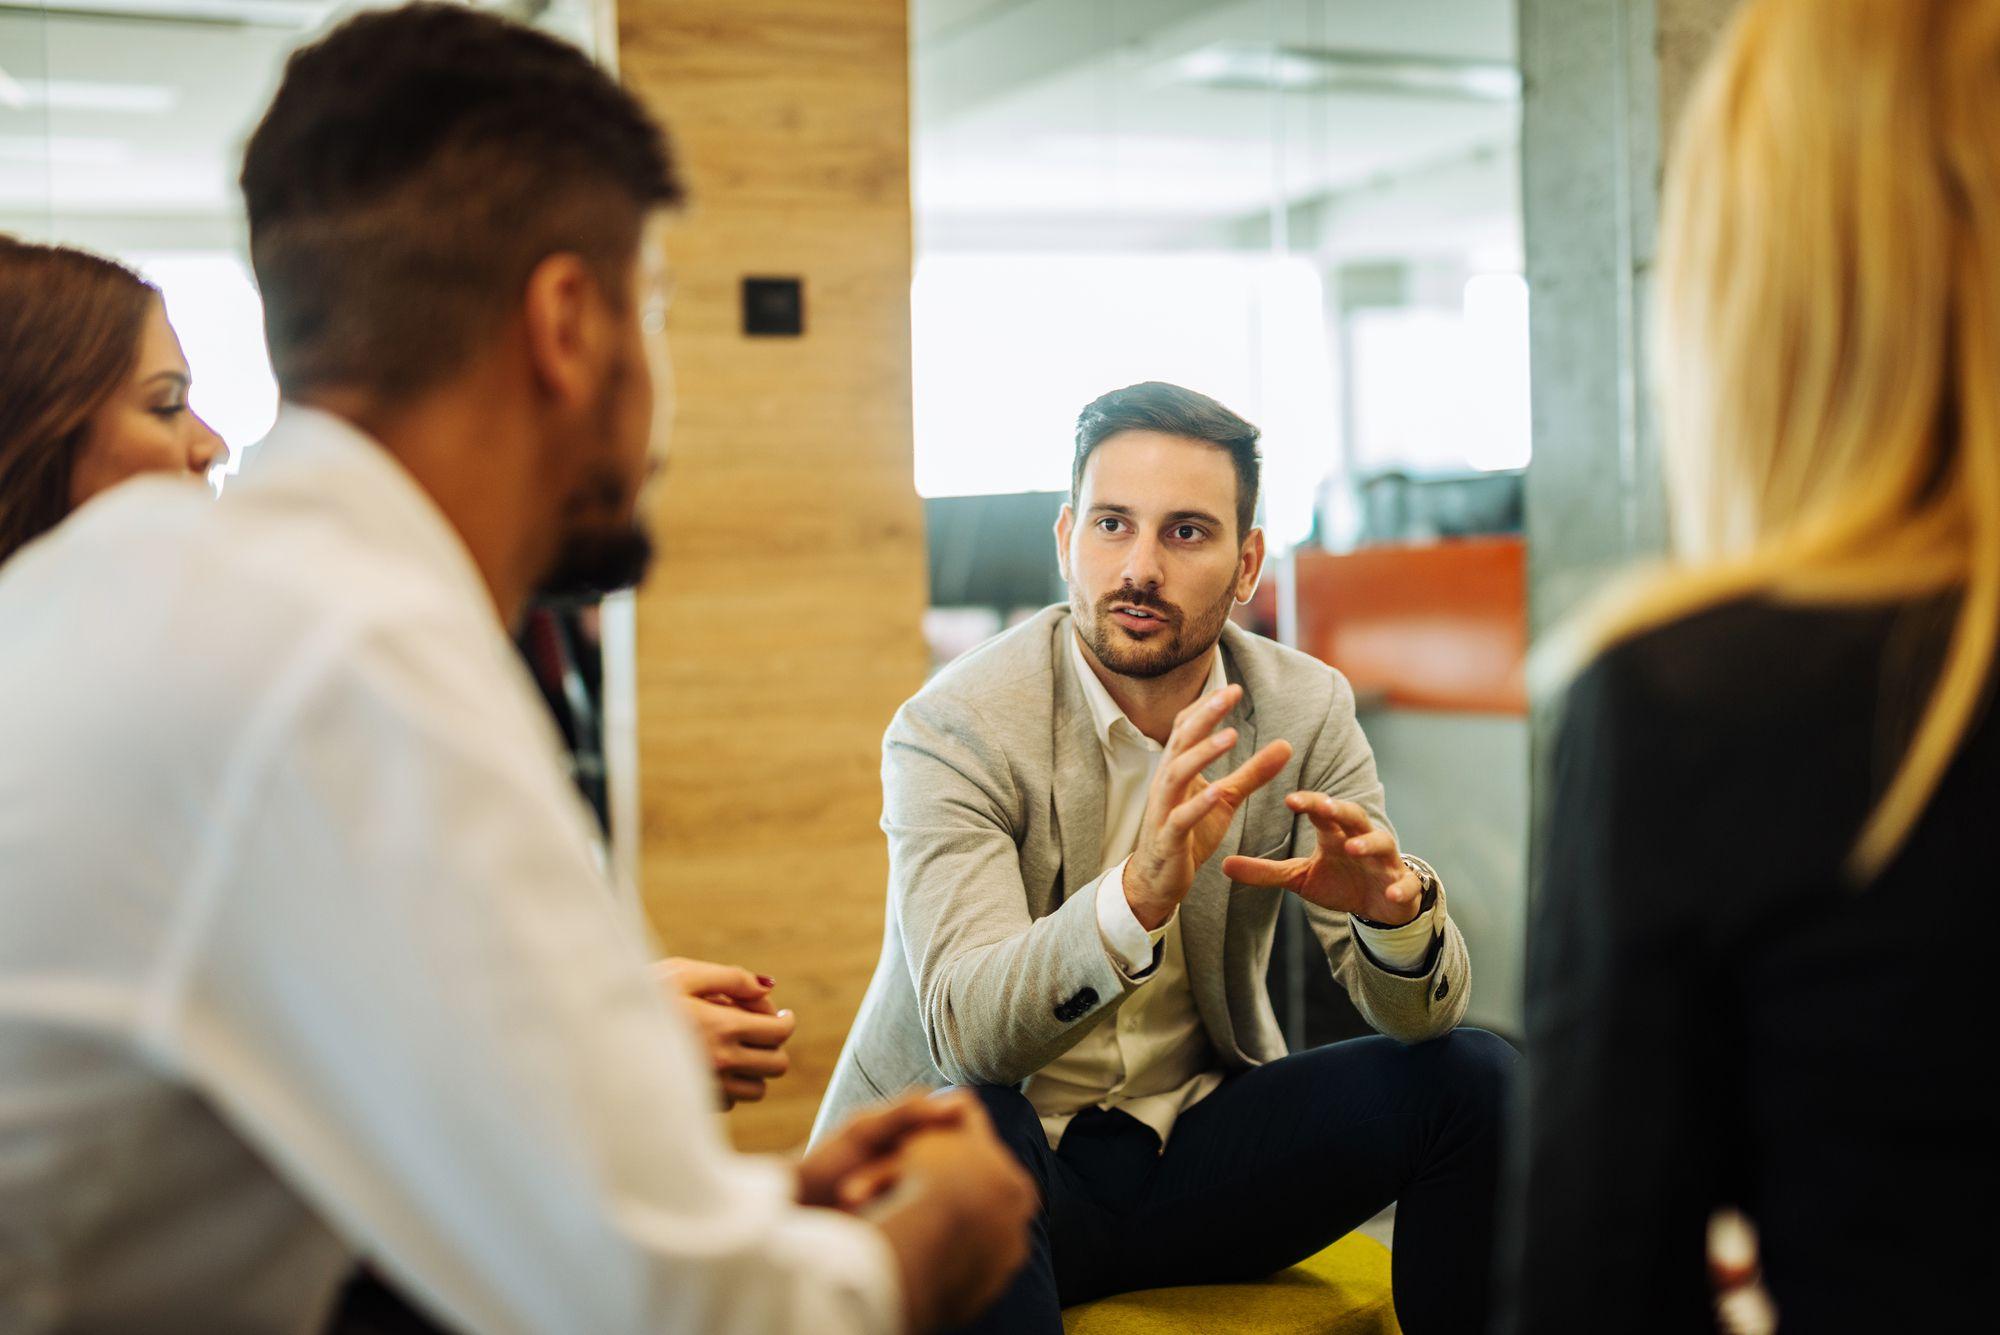 7 lições que as startups ensinam sobre criatividade e inovação